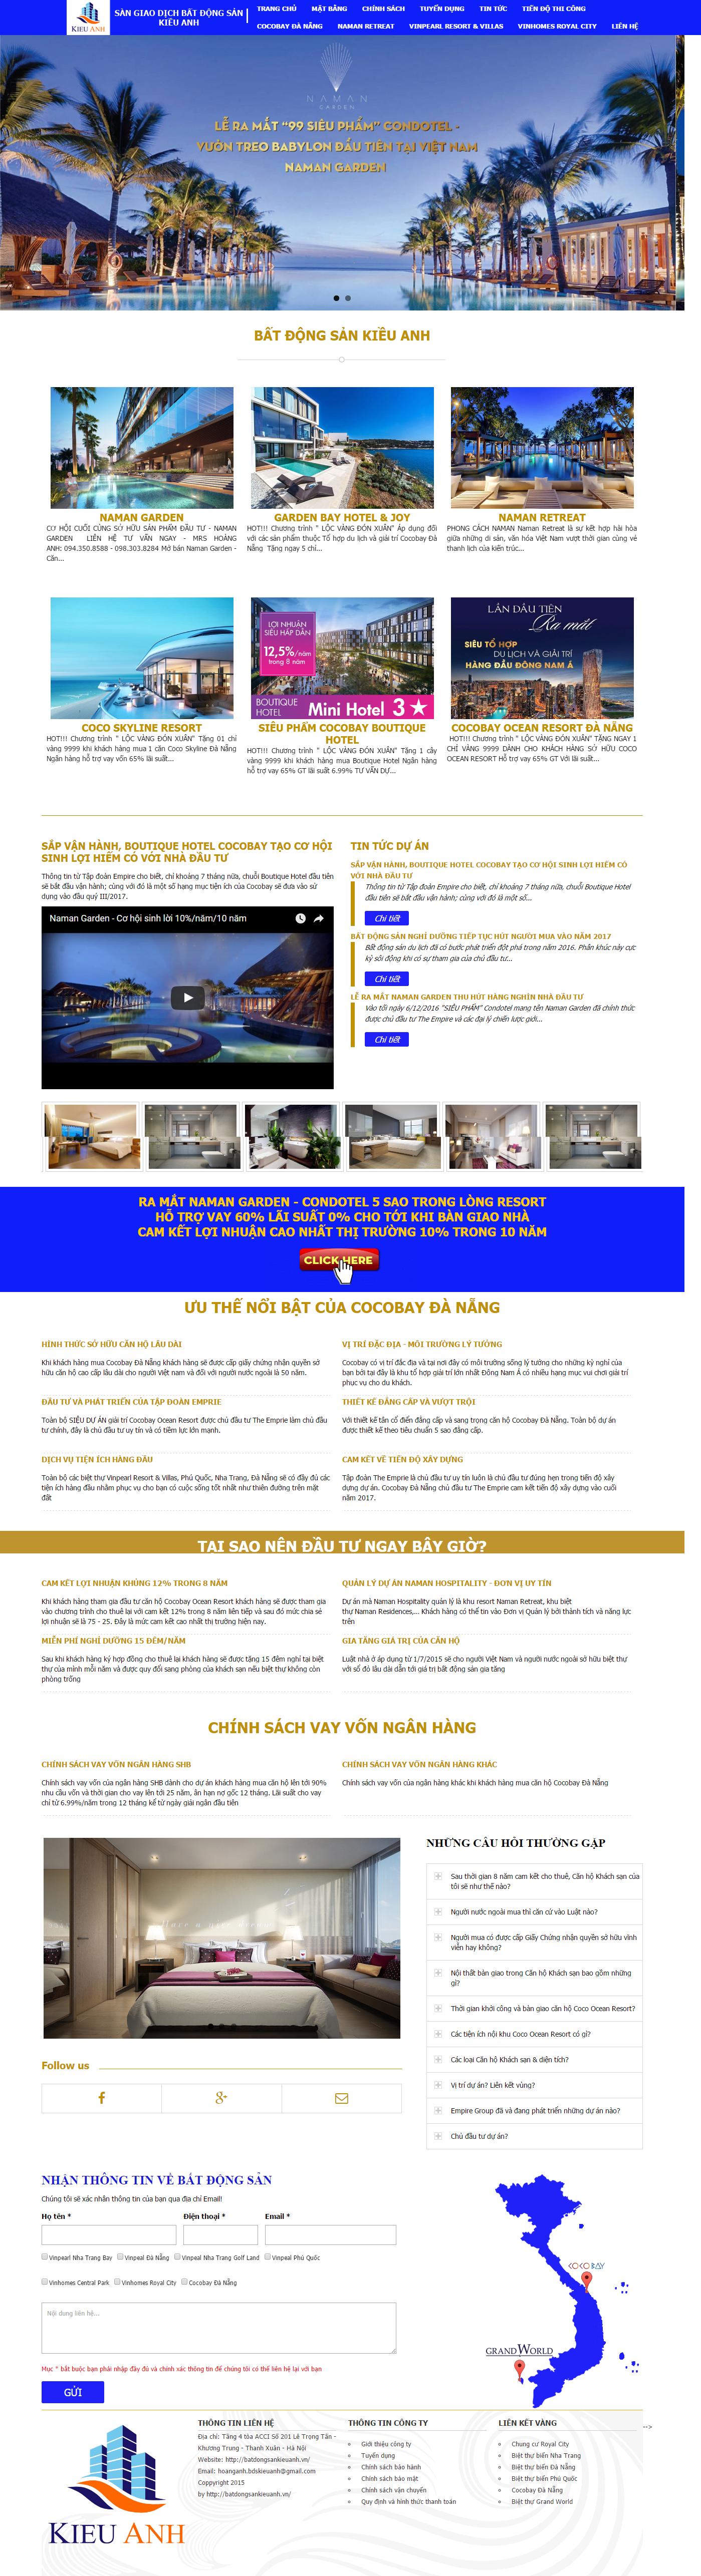 Giao diện website Bất động sản Z - 106